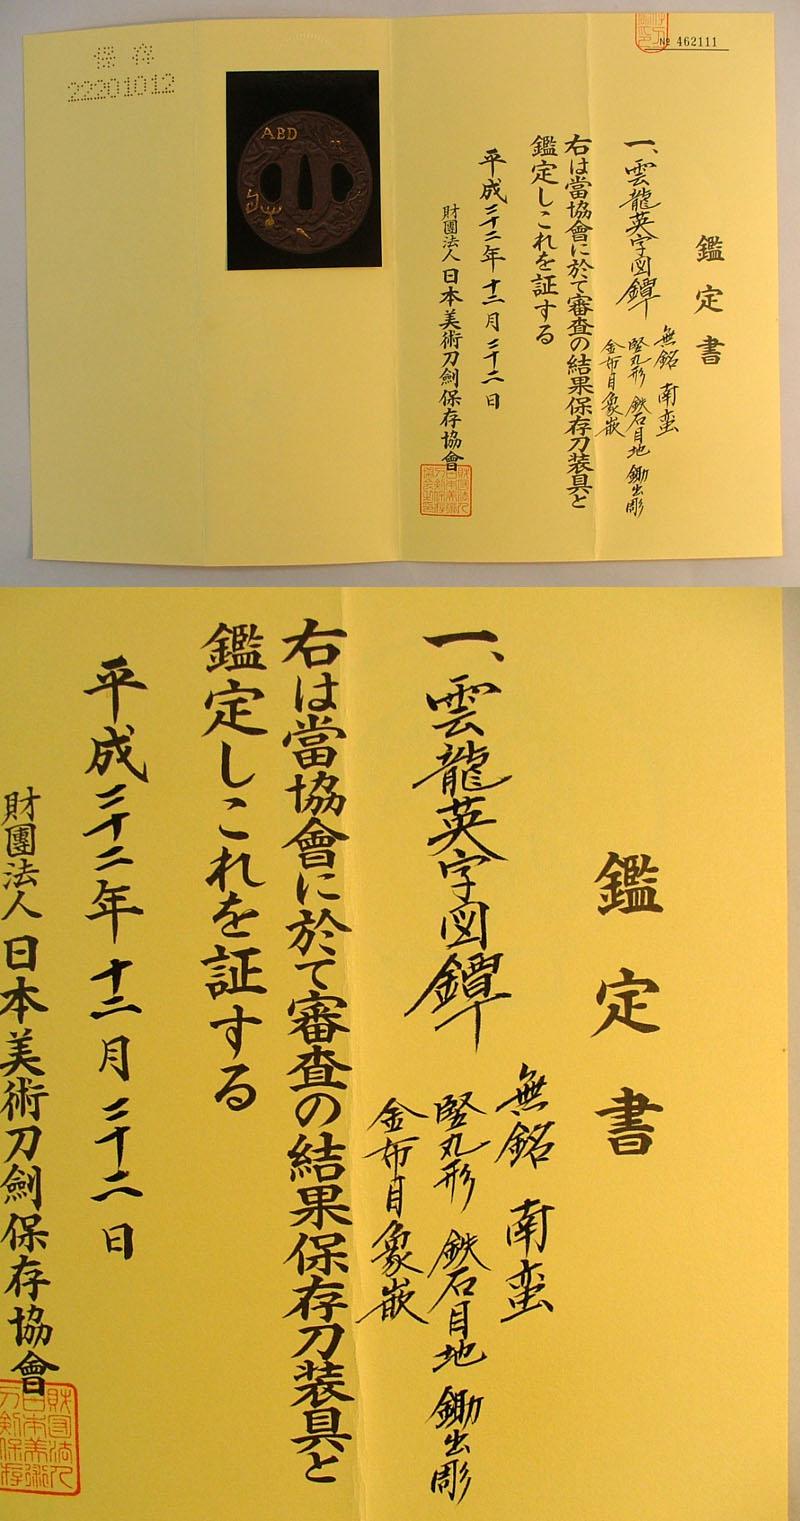 雲龍英字図鐔 無銘 南蛮 Picture of Certificate